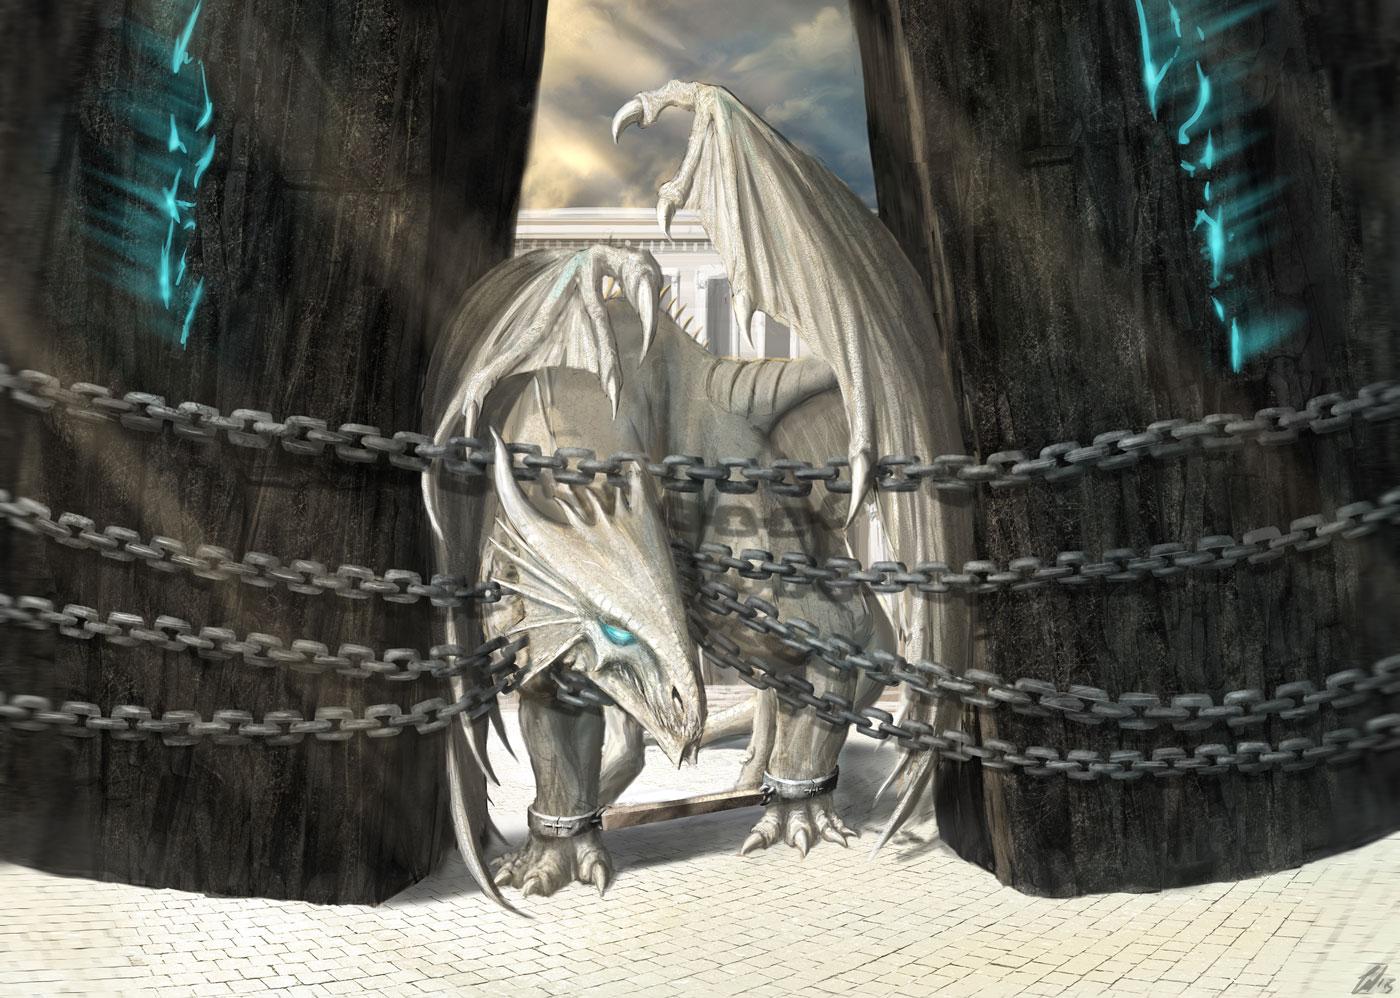 Immagine drago incatenato - Illustrazione fantasy tratta da Kiria - Le Cronache dei 5 Regni - Elvio Ravasio, autore di libri fantasy